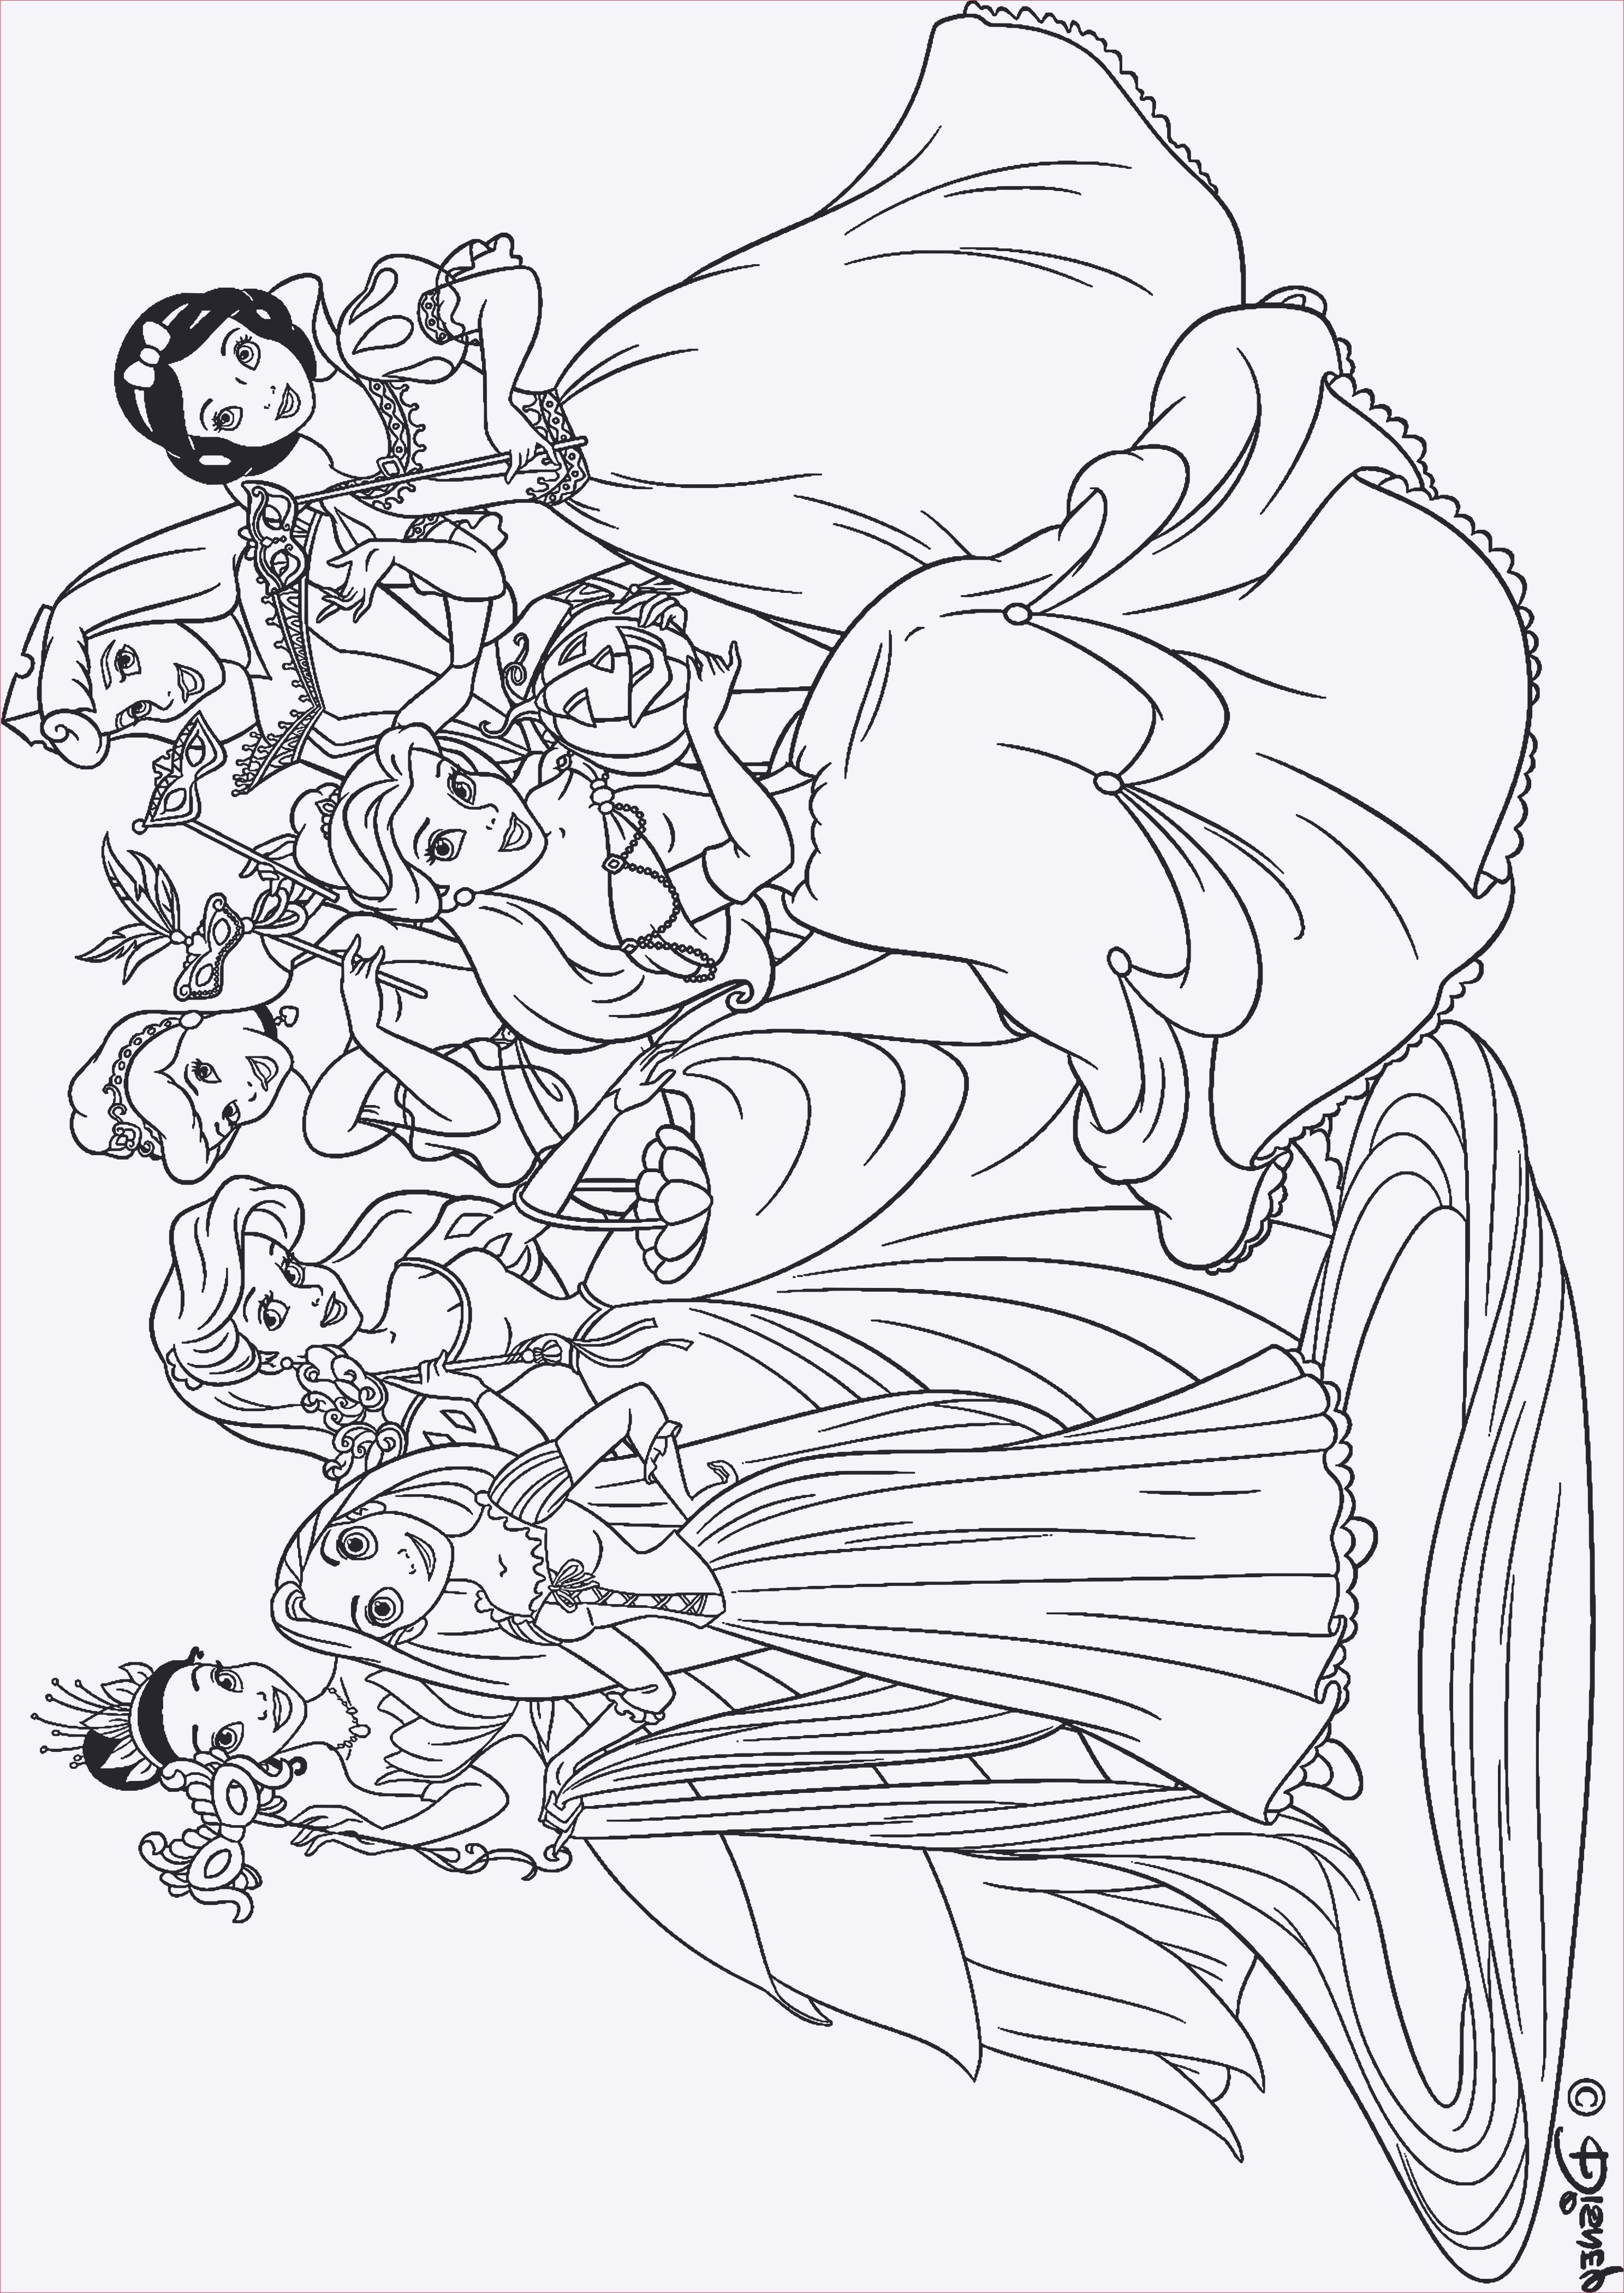 Ausmalbilder Kostenlos Violetta Einzigartig 34 Einzigartig Violetta Bilder Zum Ausdrucken – Malvorlagen Ideen Fotos